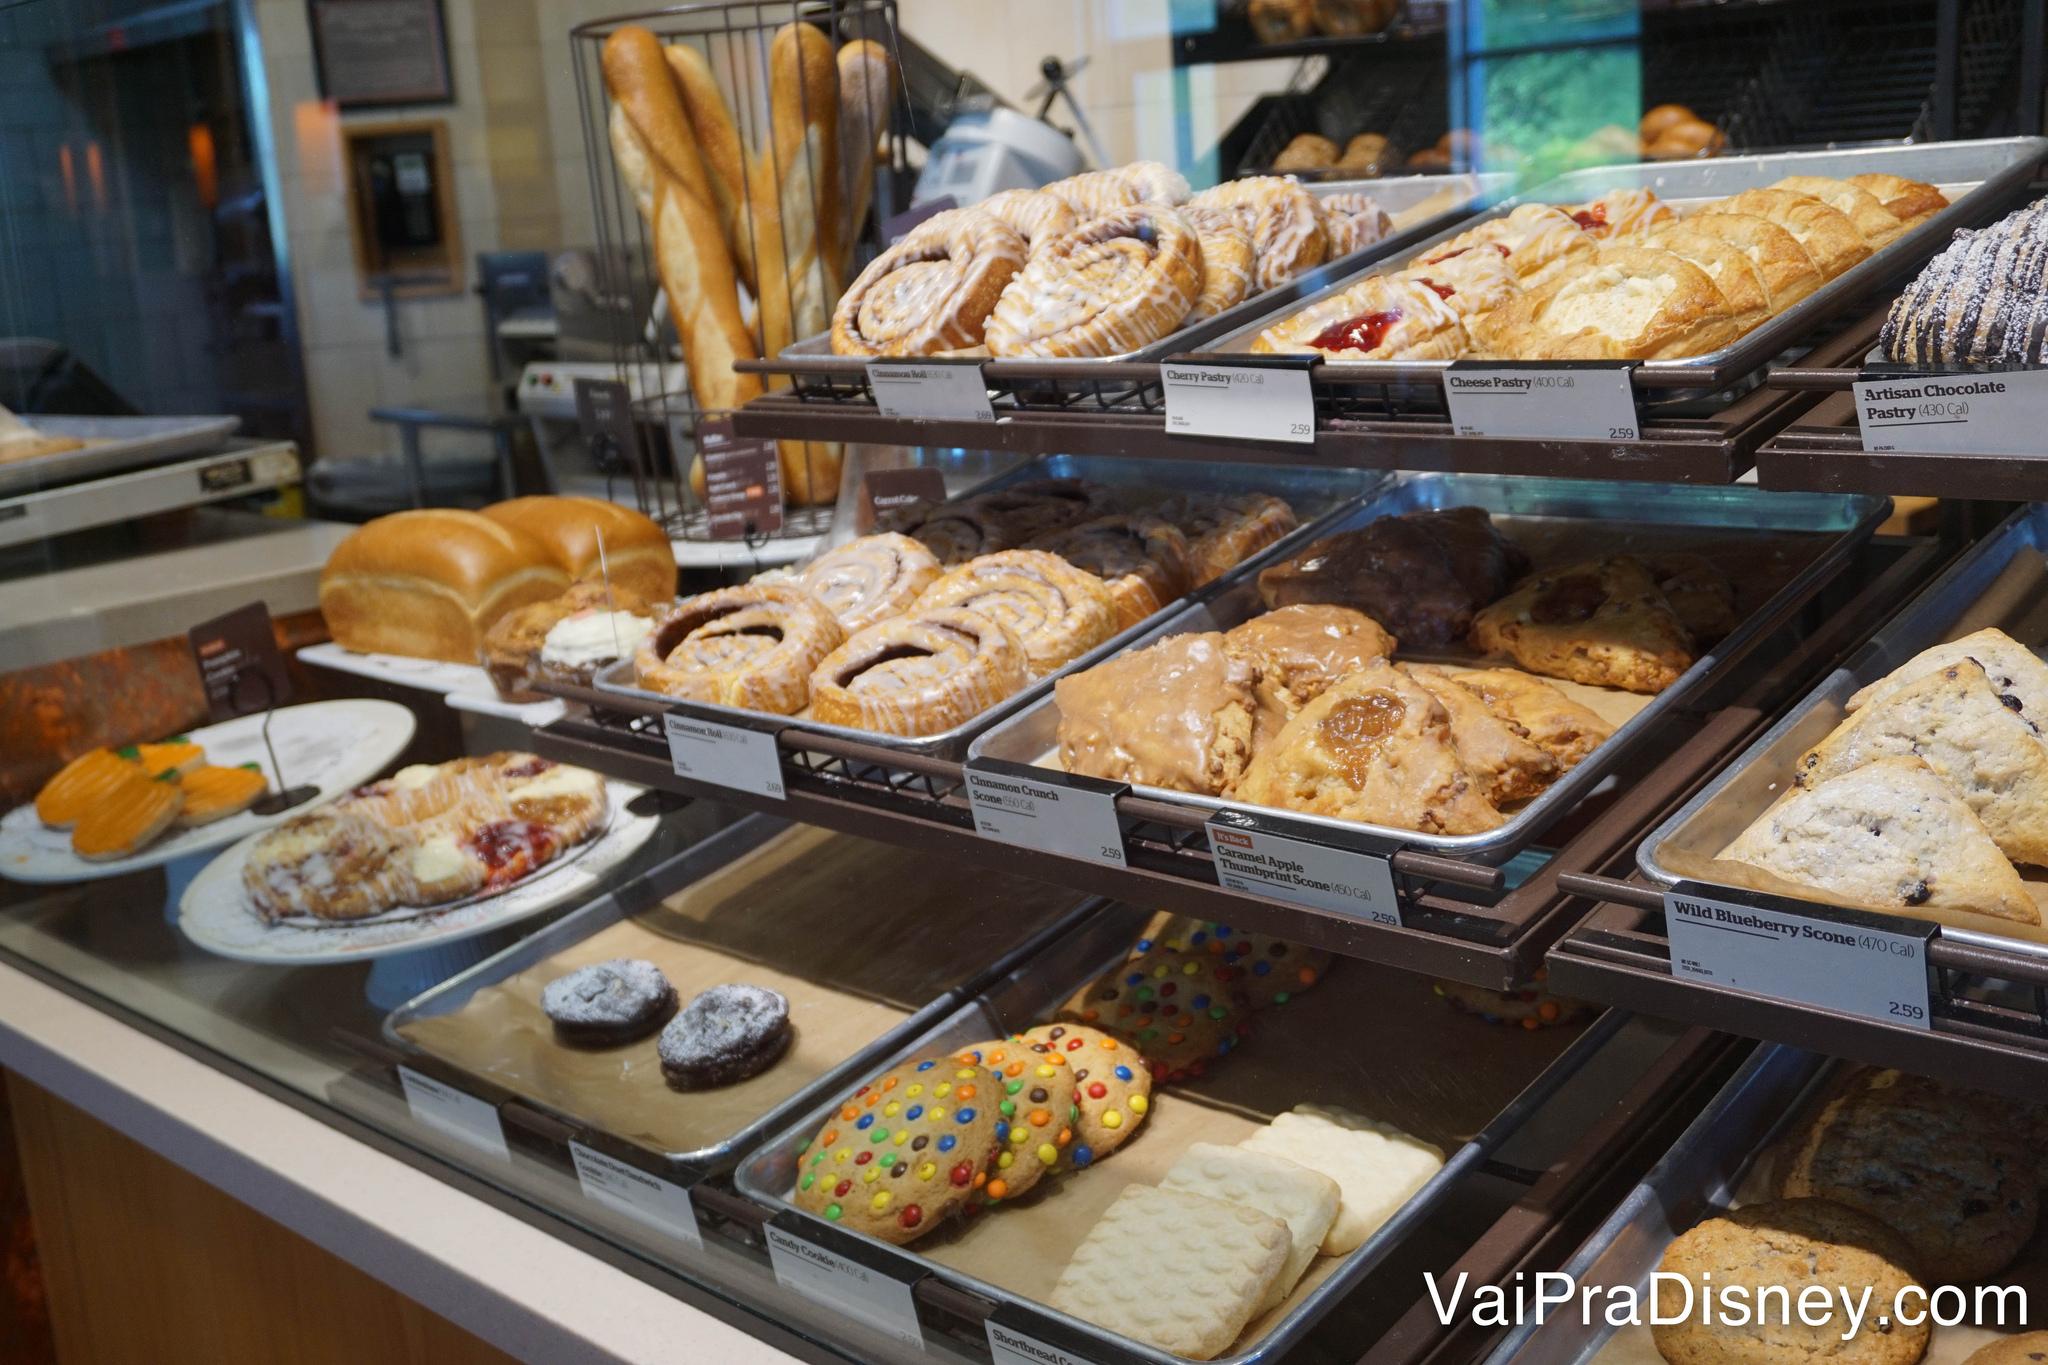 Algumas das delícias da Panera Bread. Olha a baguete de pão francês lá trás.